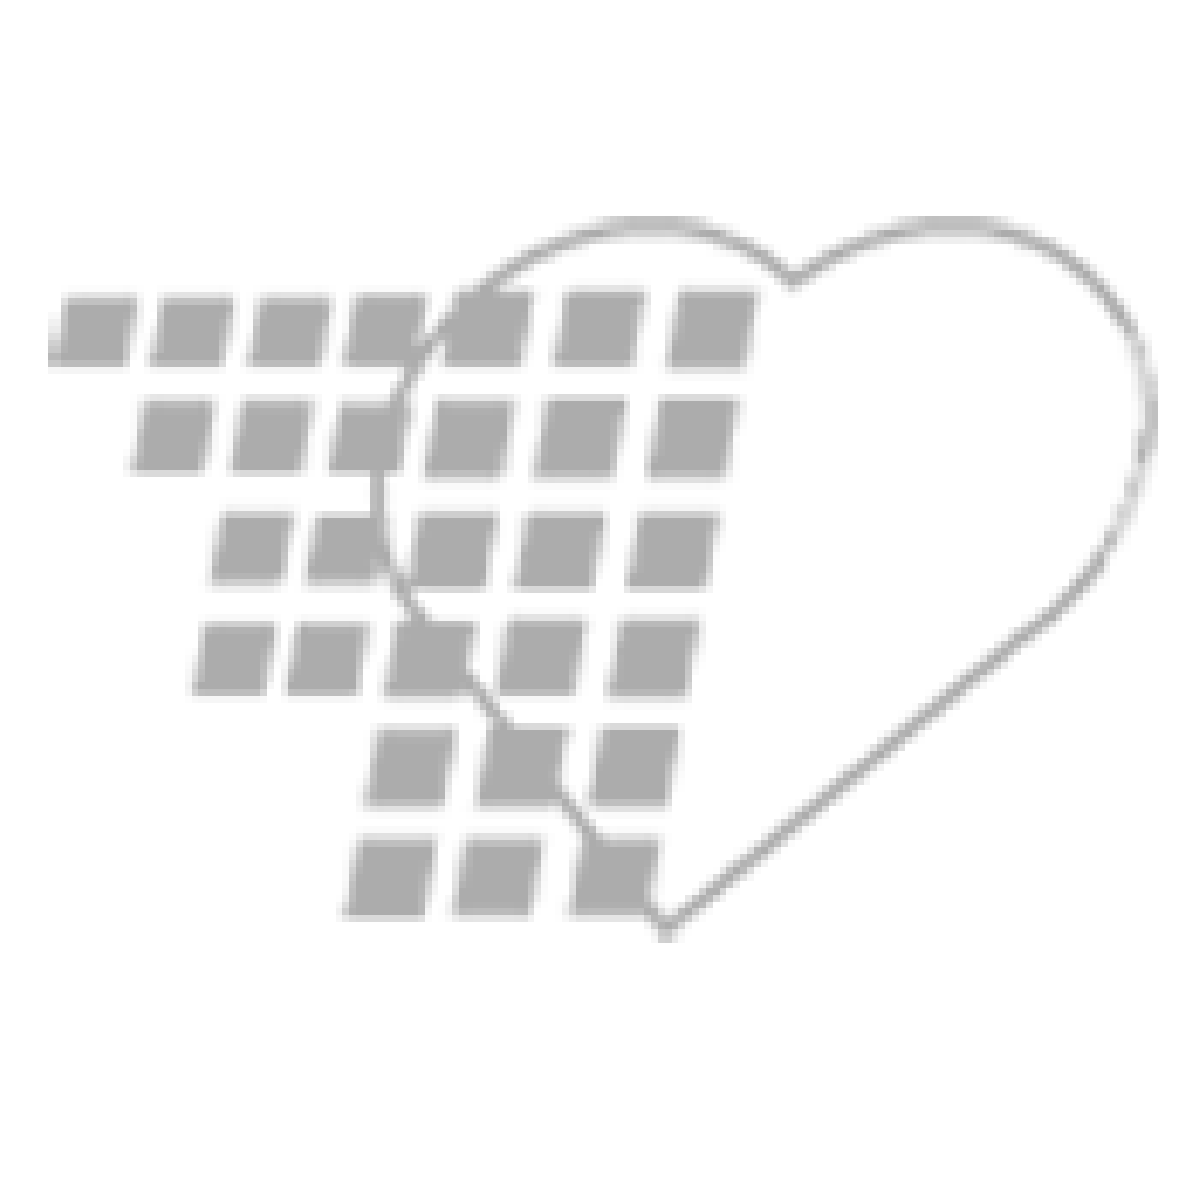 06-93-0421 Demo Dose® 20% Dextros IV Fluid 1000 mL